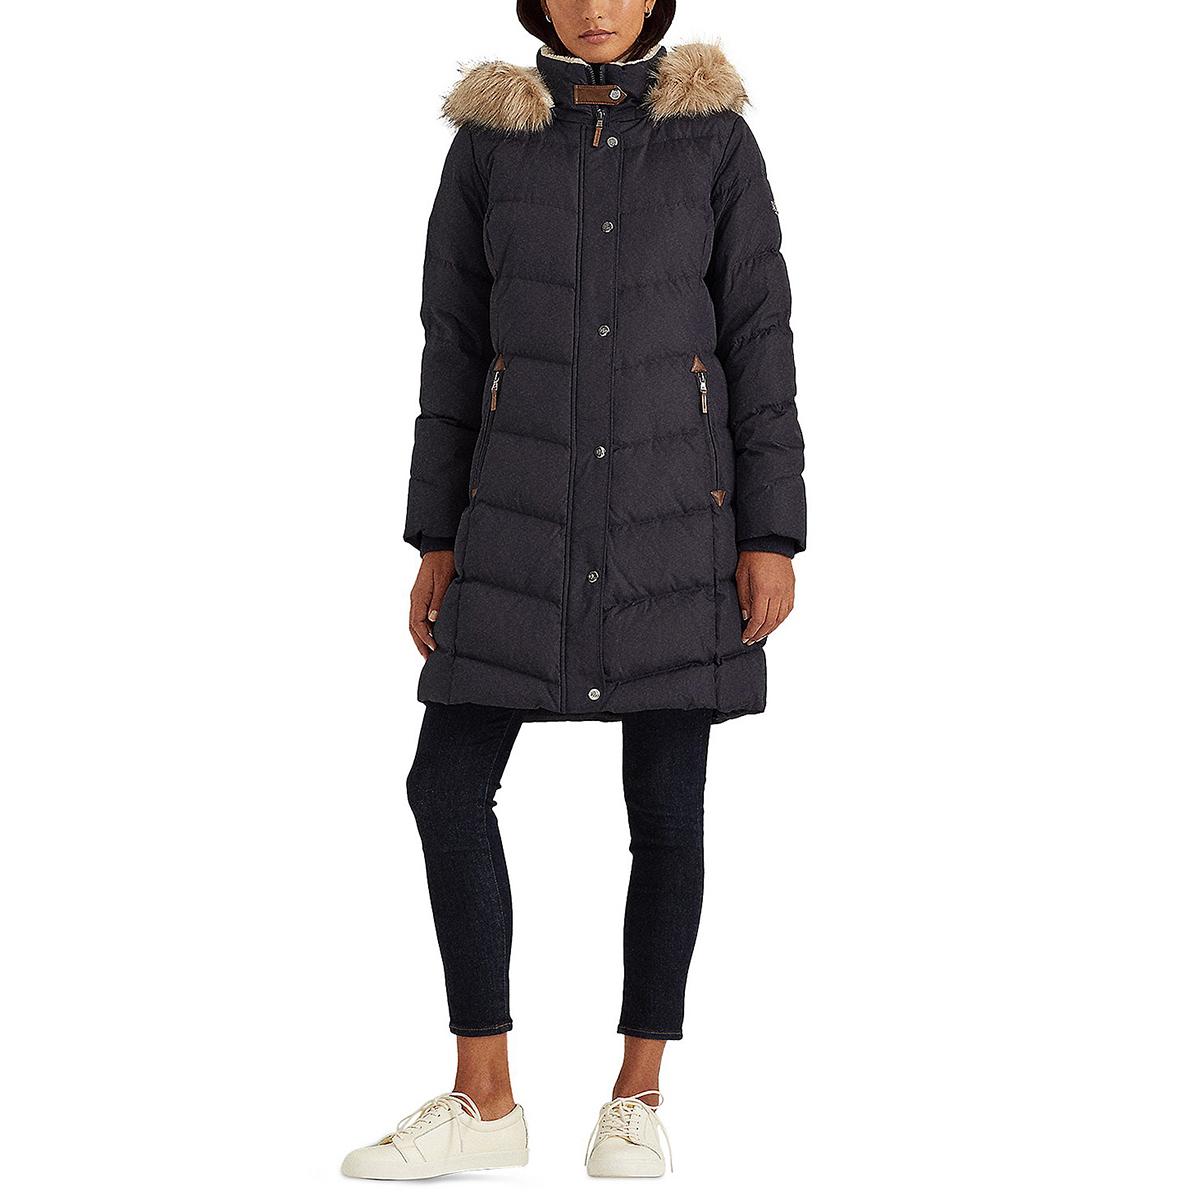 macys-black-friday-ralph-lauren-coat